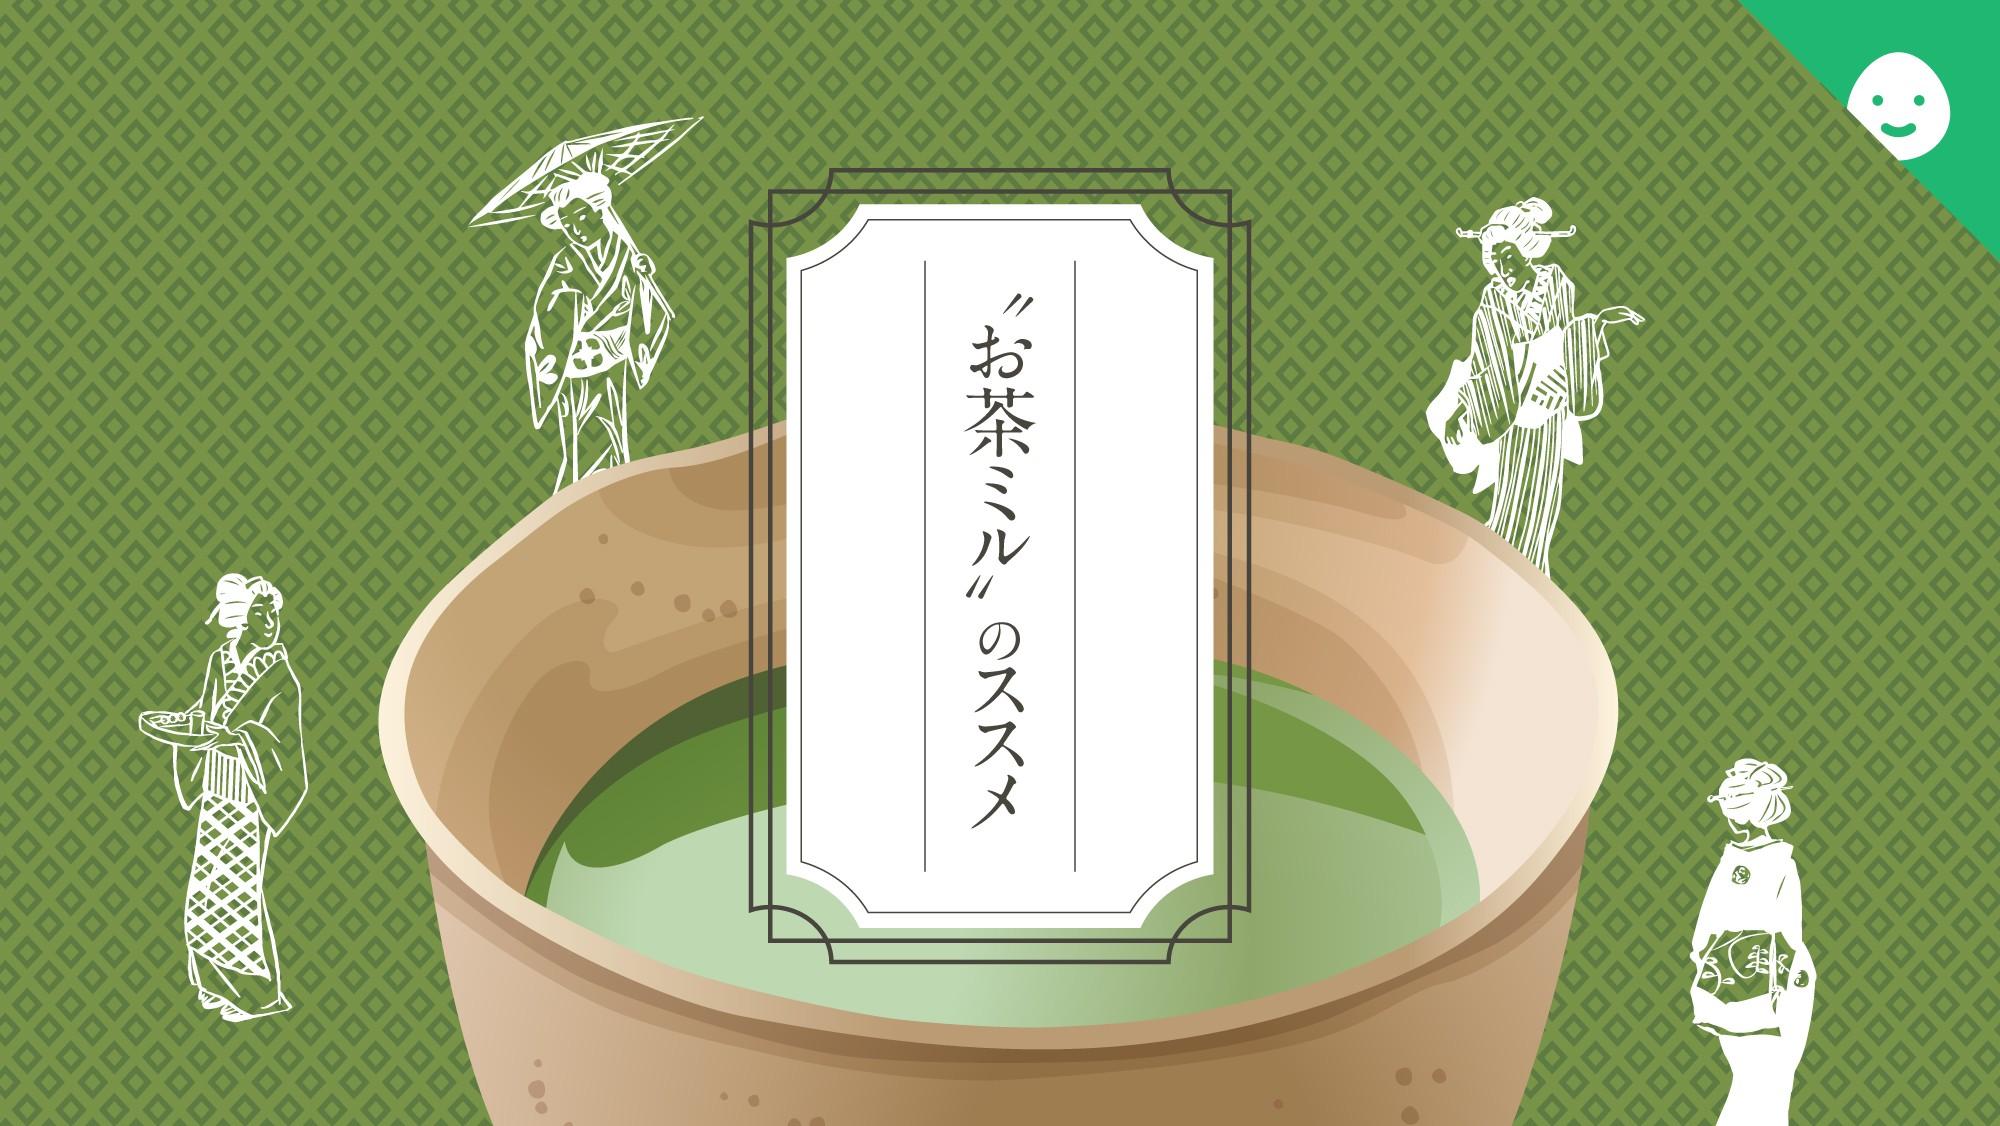 「お茶ミル」のススメー挽きたての緑茶を飲んでみよう